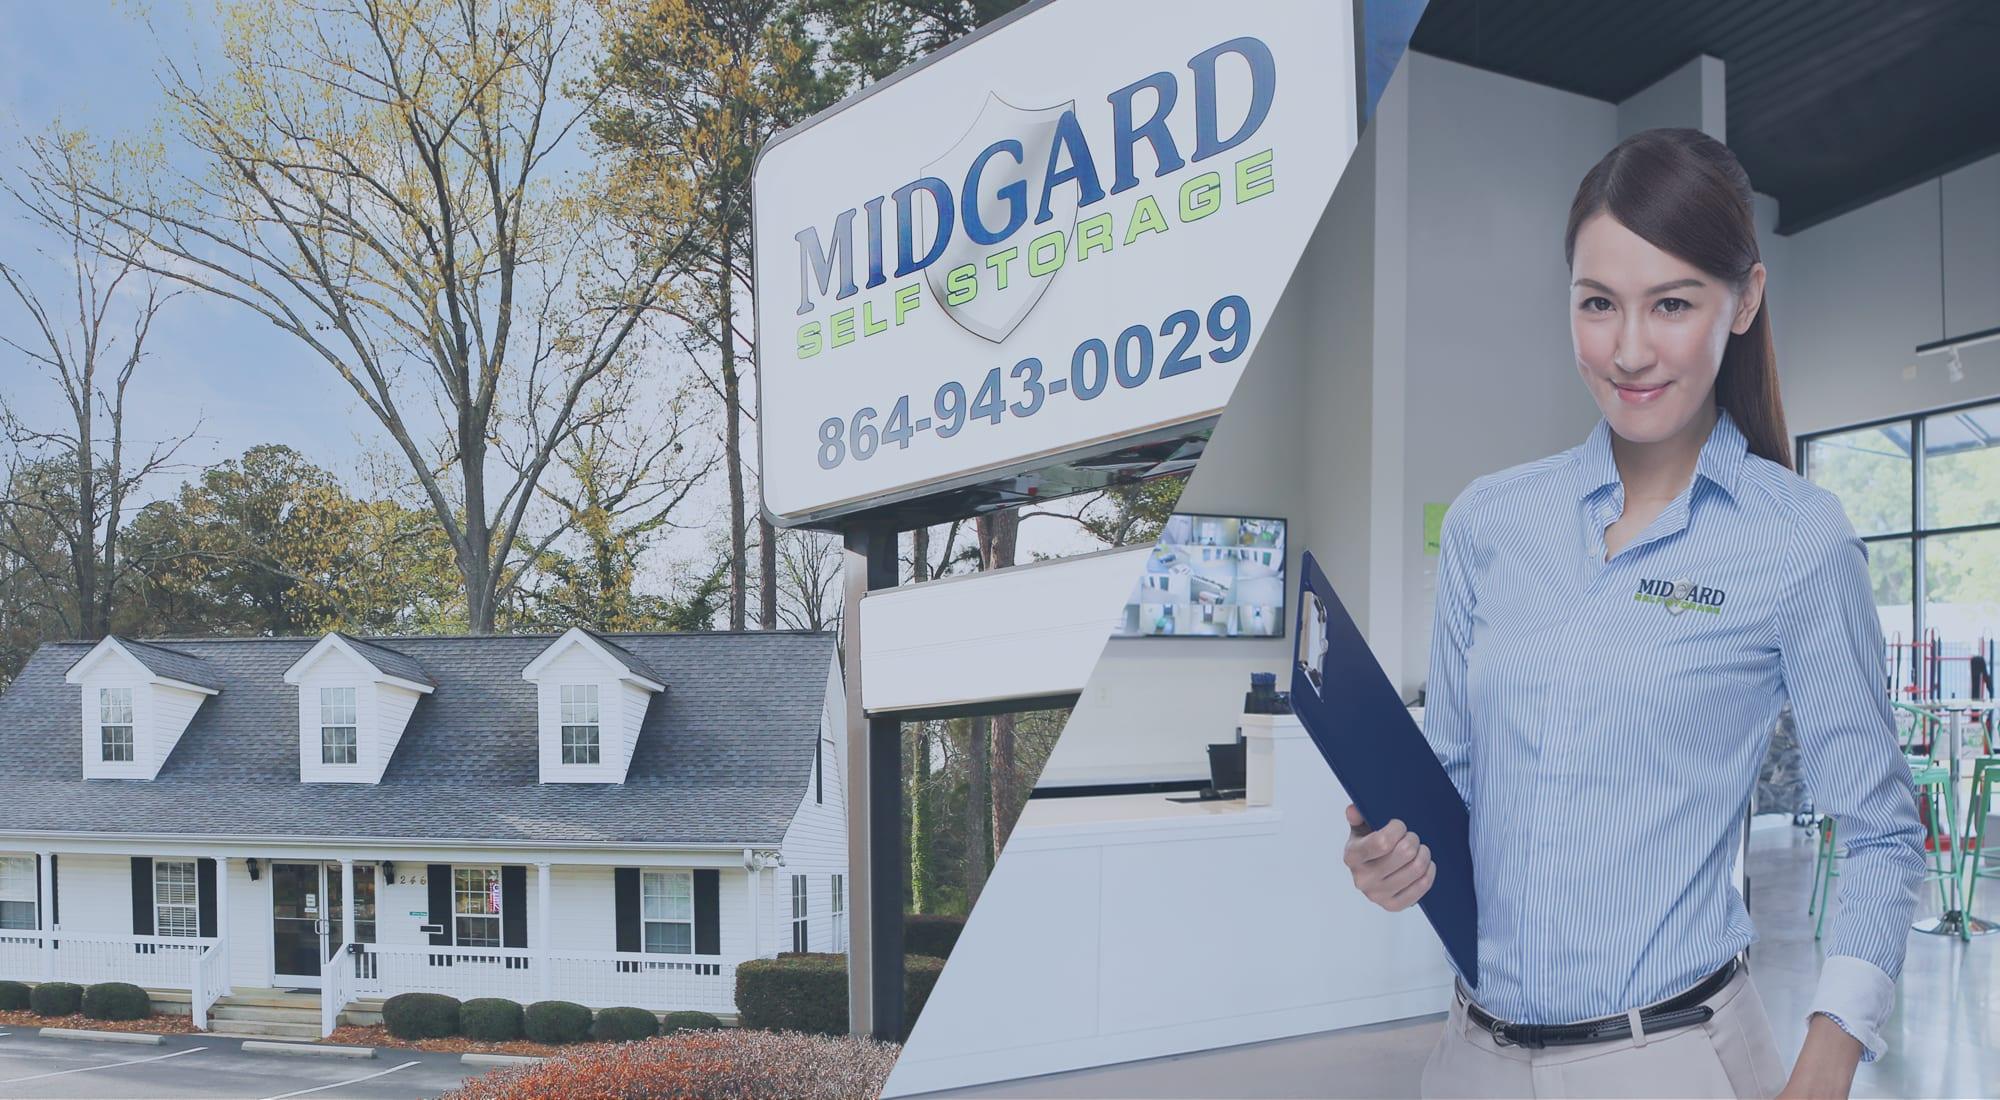 Self storage at Midgard Self Storage in Greenwood, South Carolina